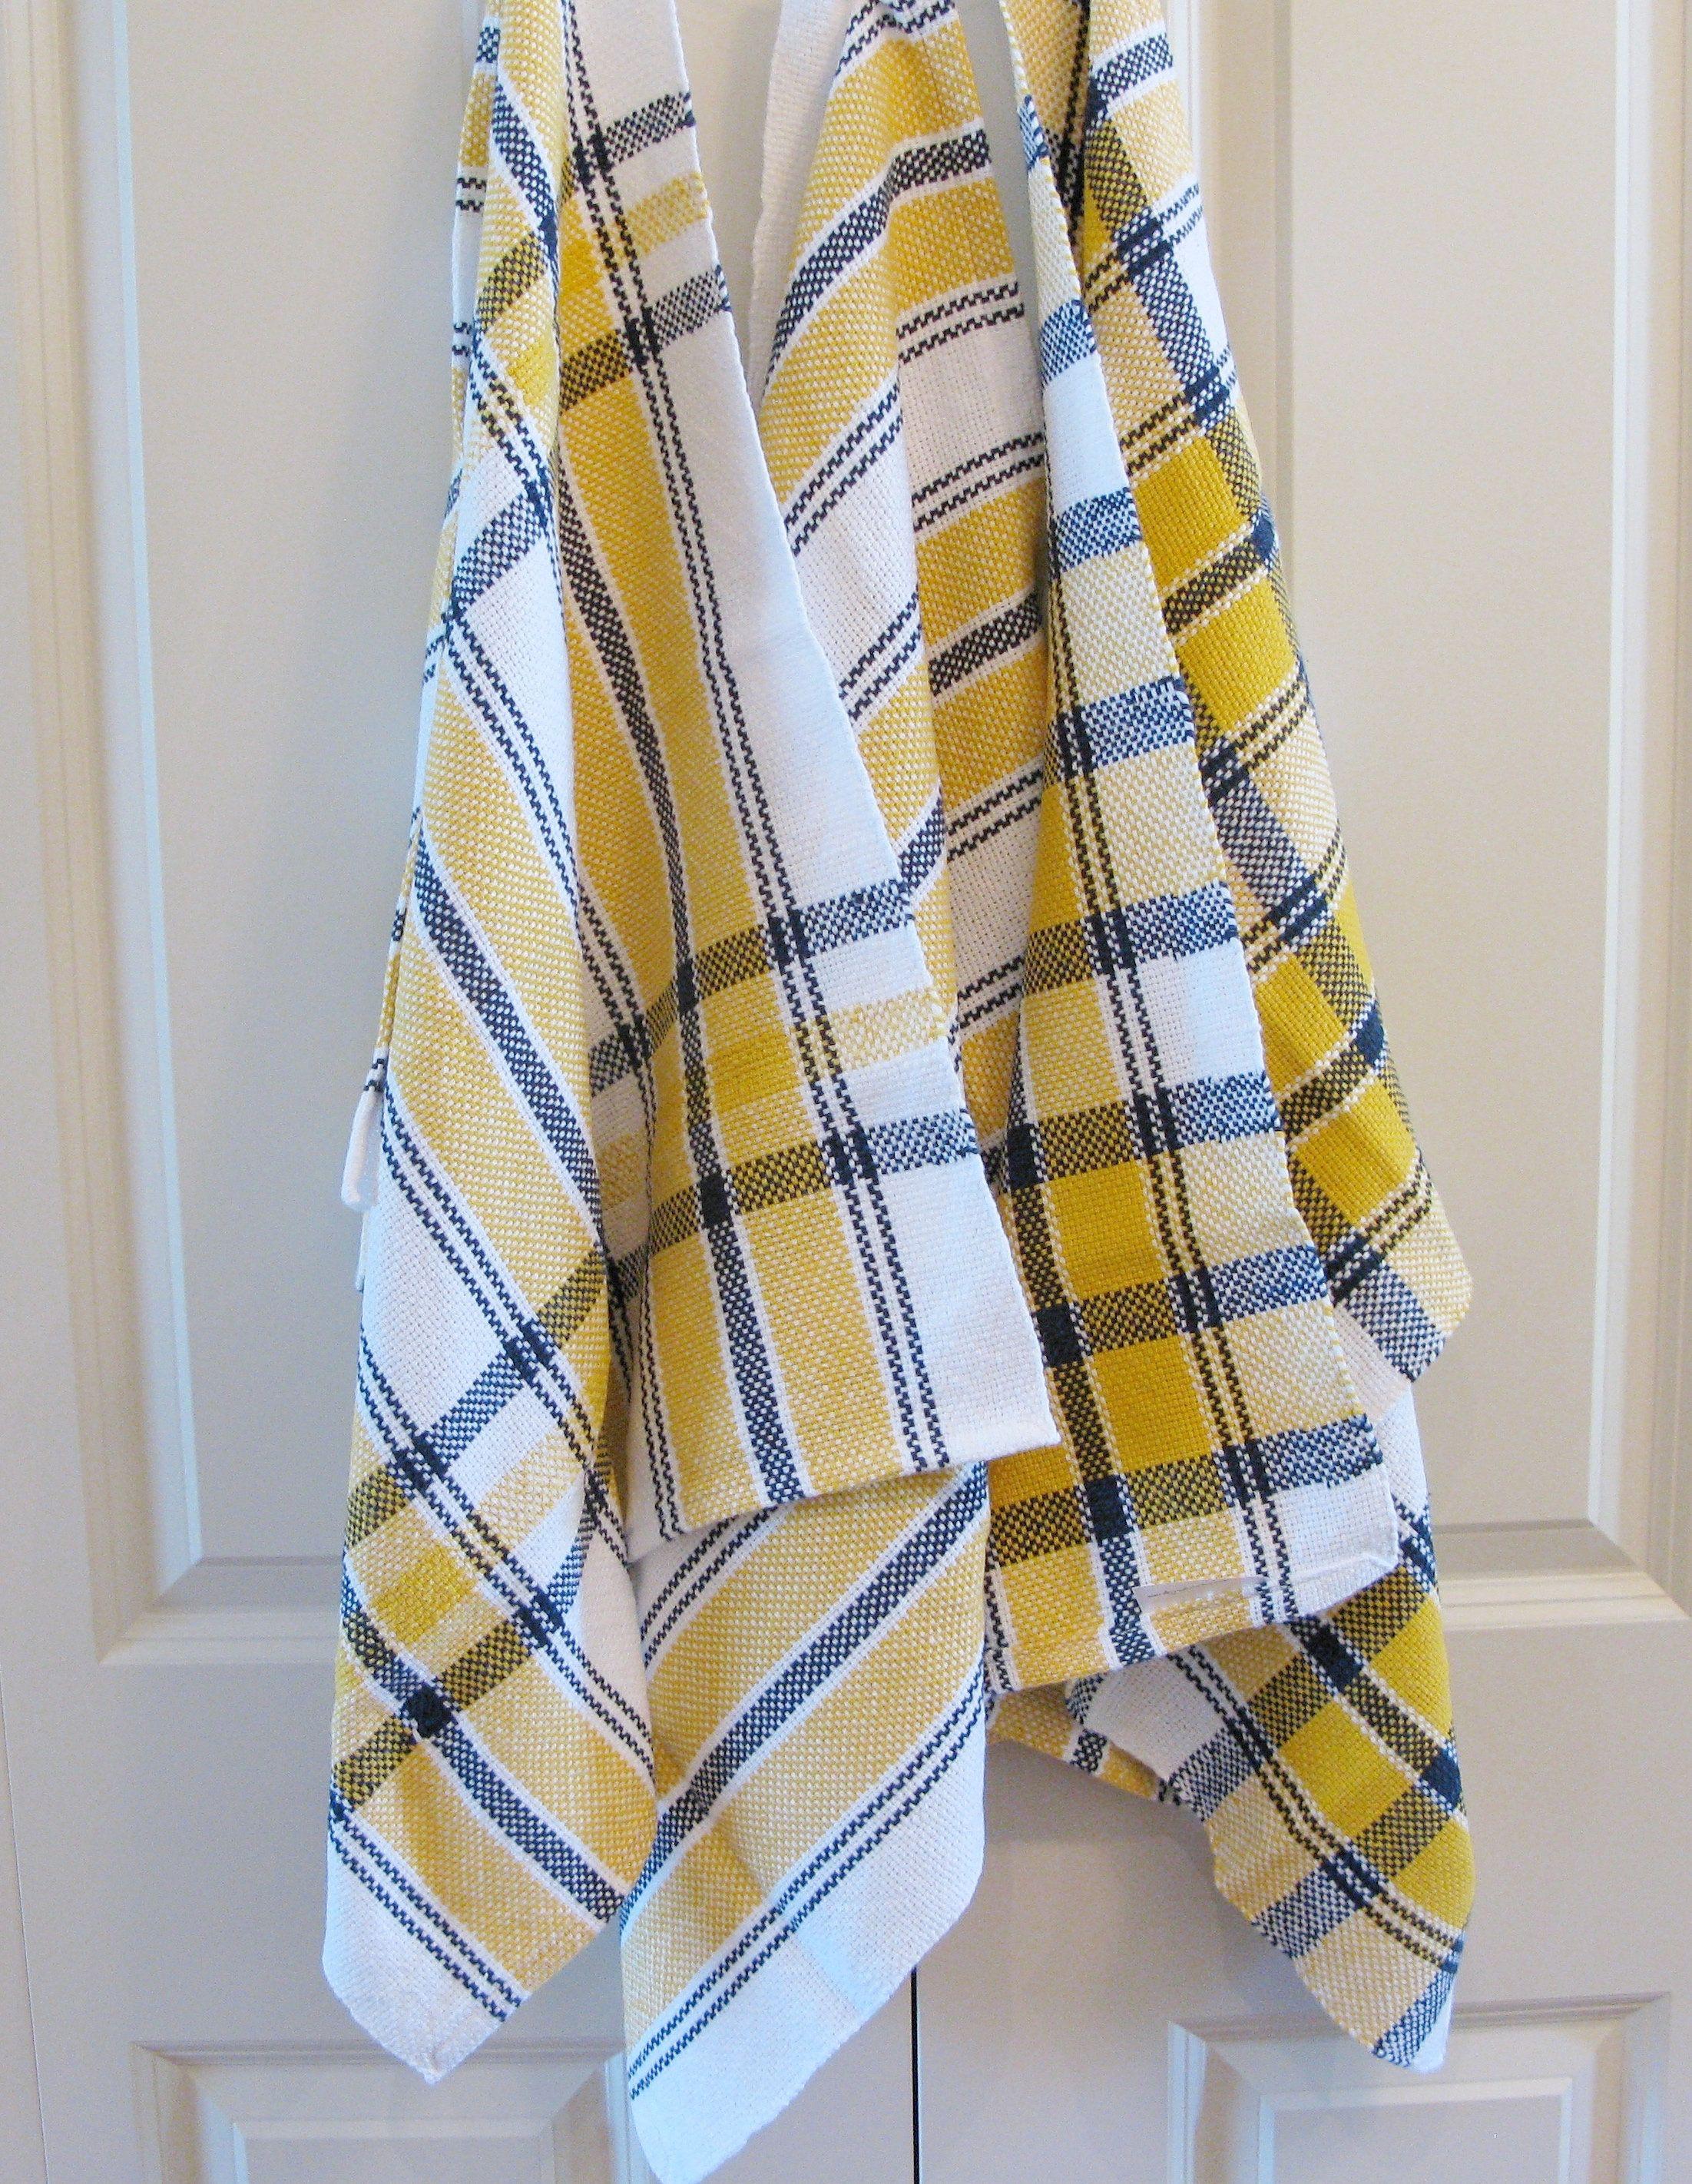 Handwoven Dish Towel Tea Towel Gourmet Cotton Kitchen Towel